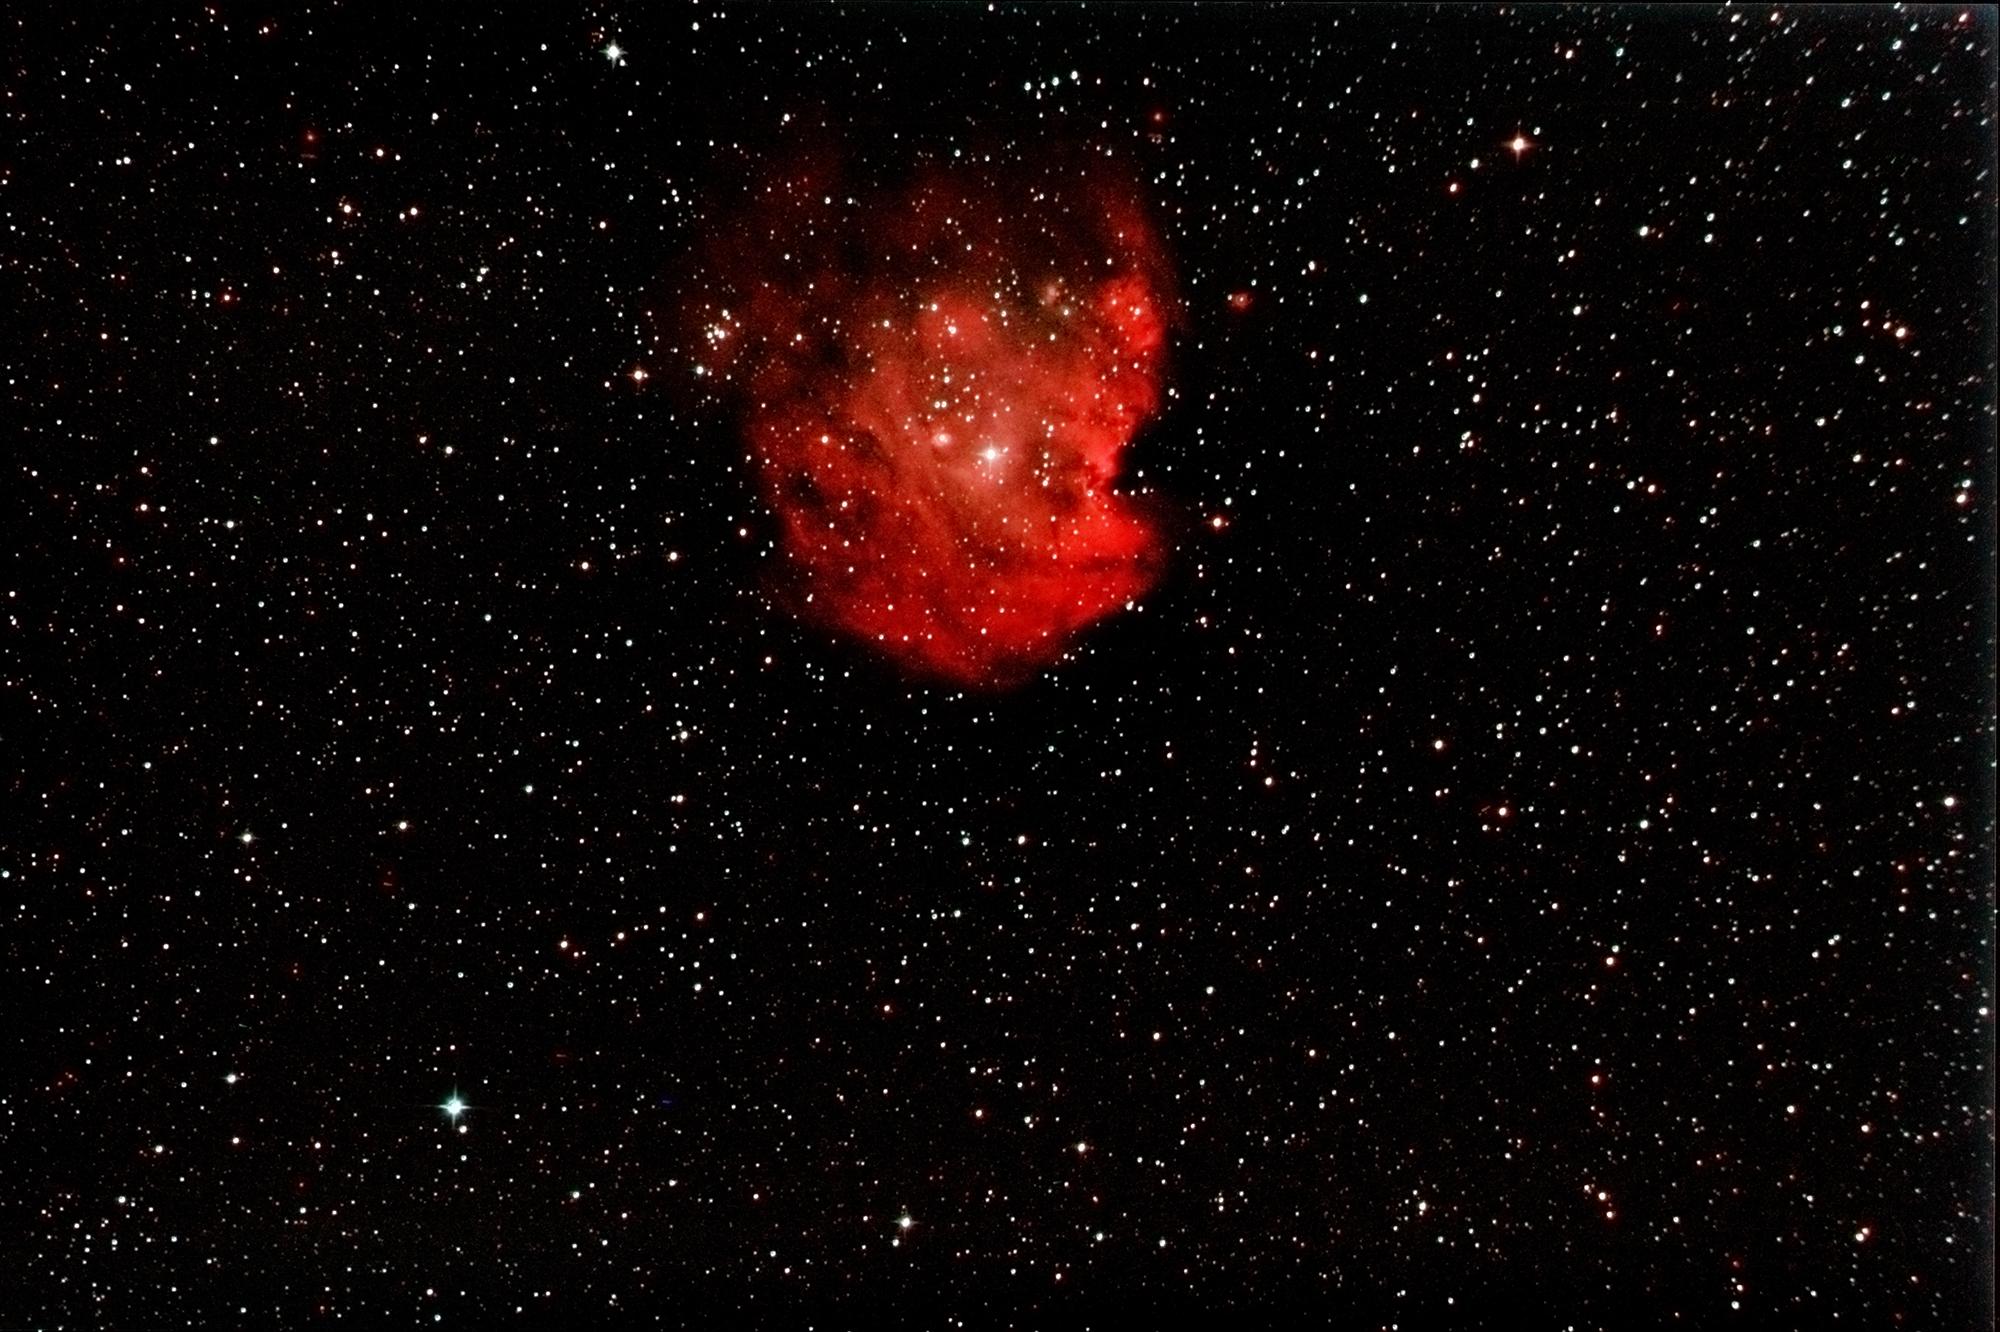 NGC 2175 Affenkopfnebel